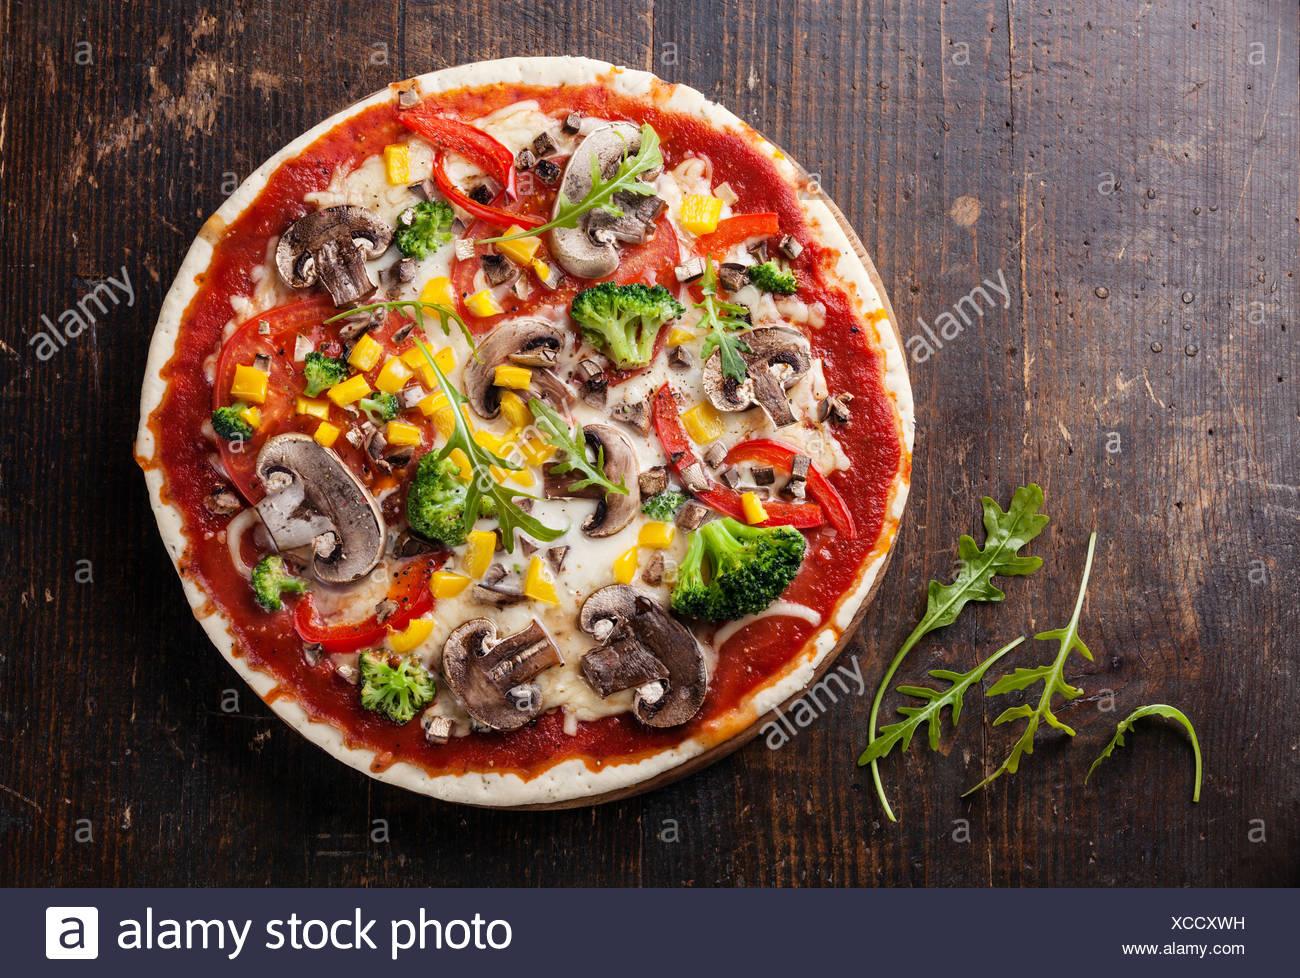 Pizza vegetariana con funghi e rucola sul tavolo di legno Immagini Stock